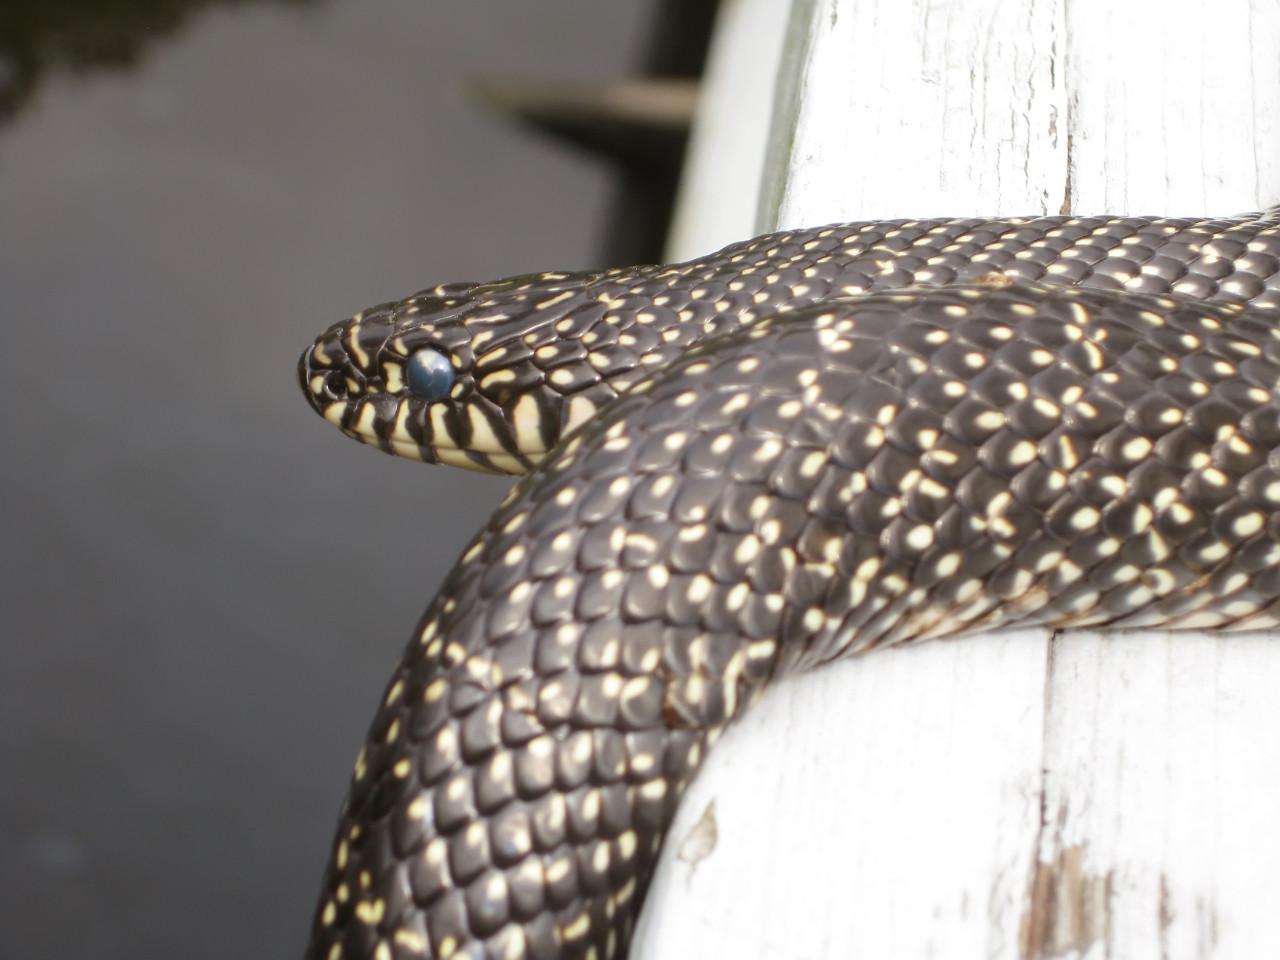 backyard wildlife: speckled kingsnake -- mandeville LA